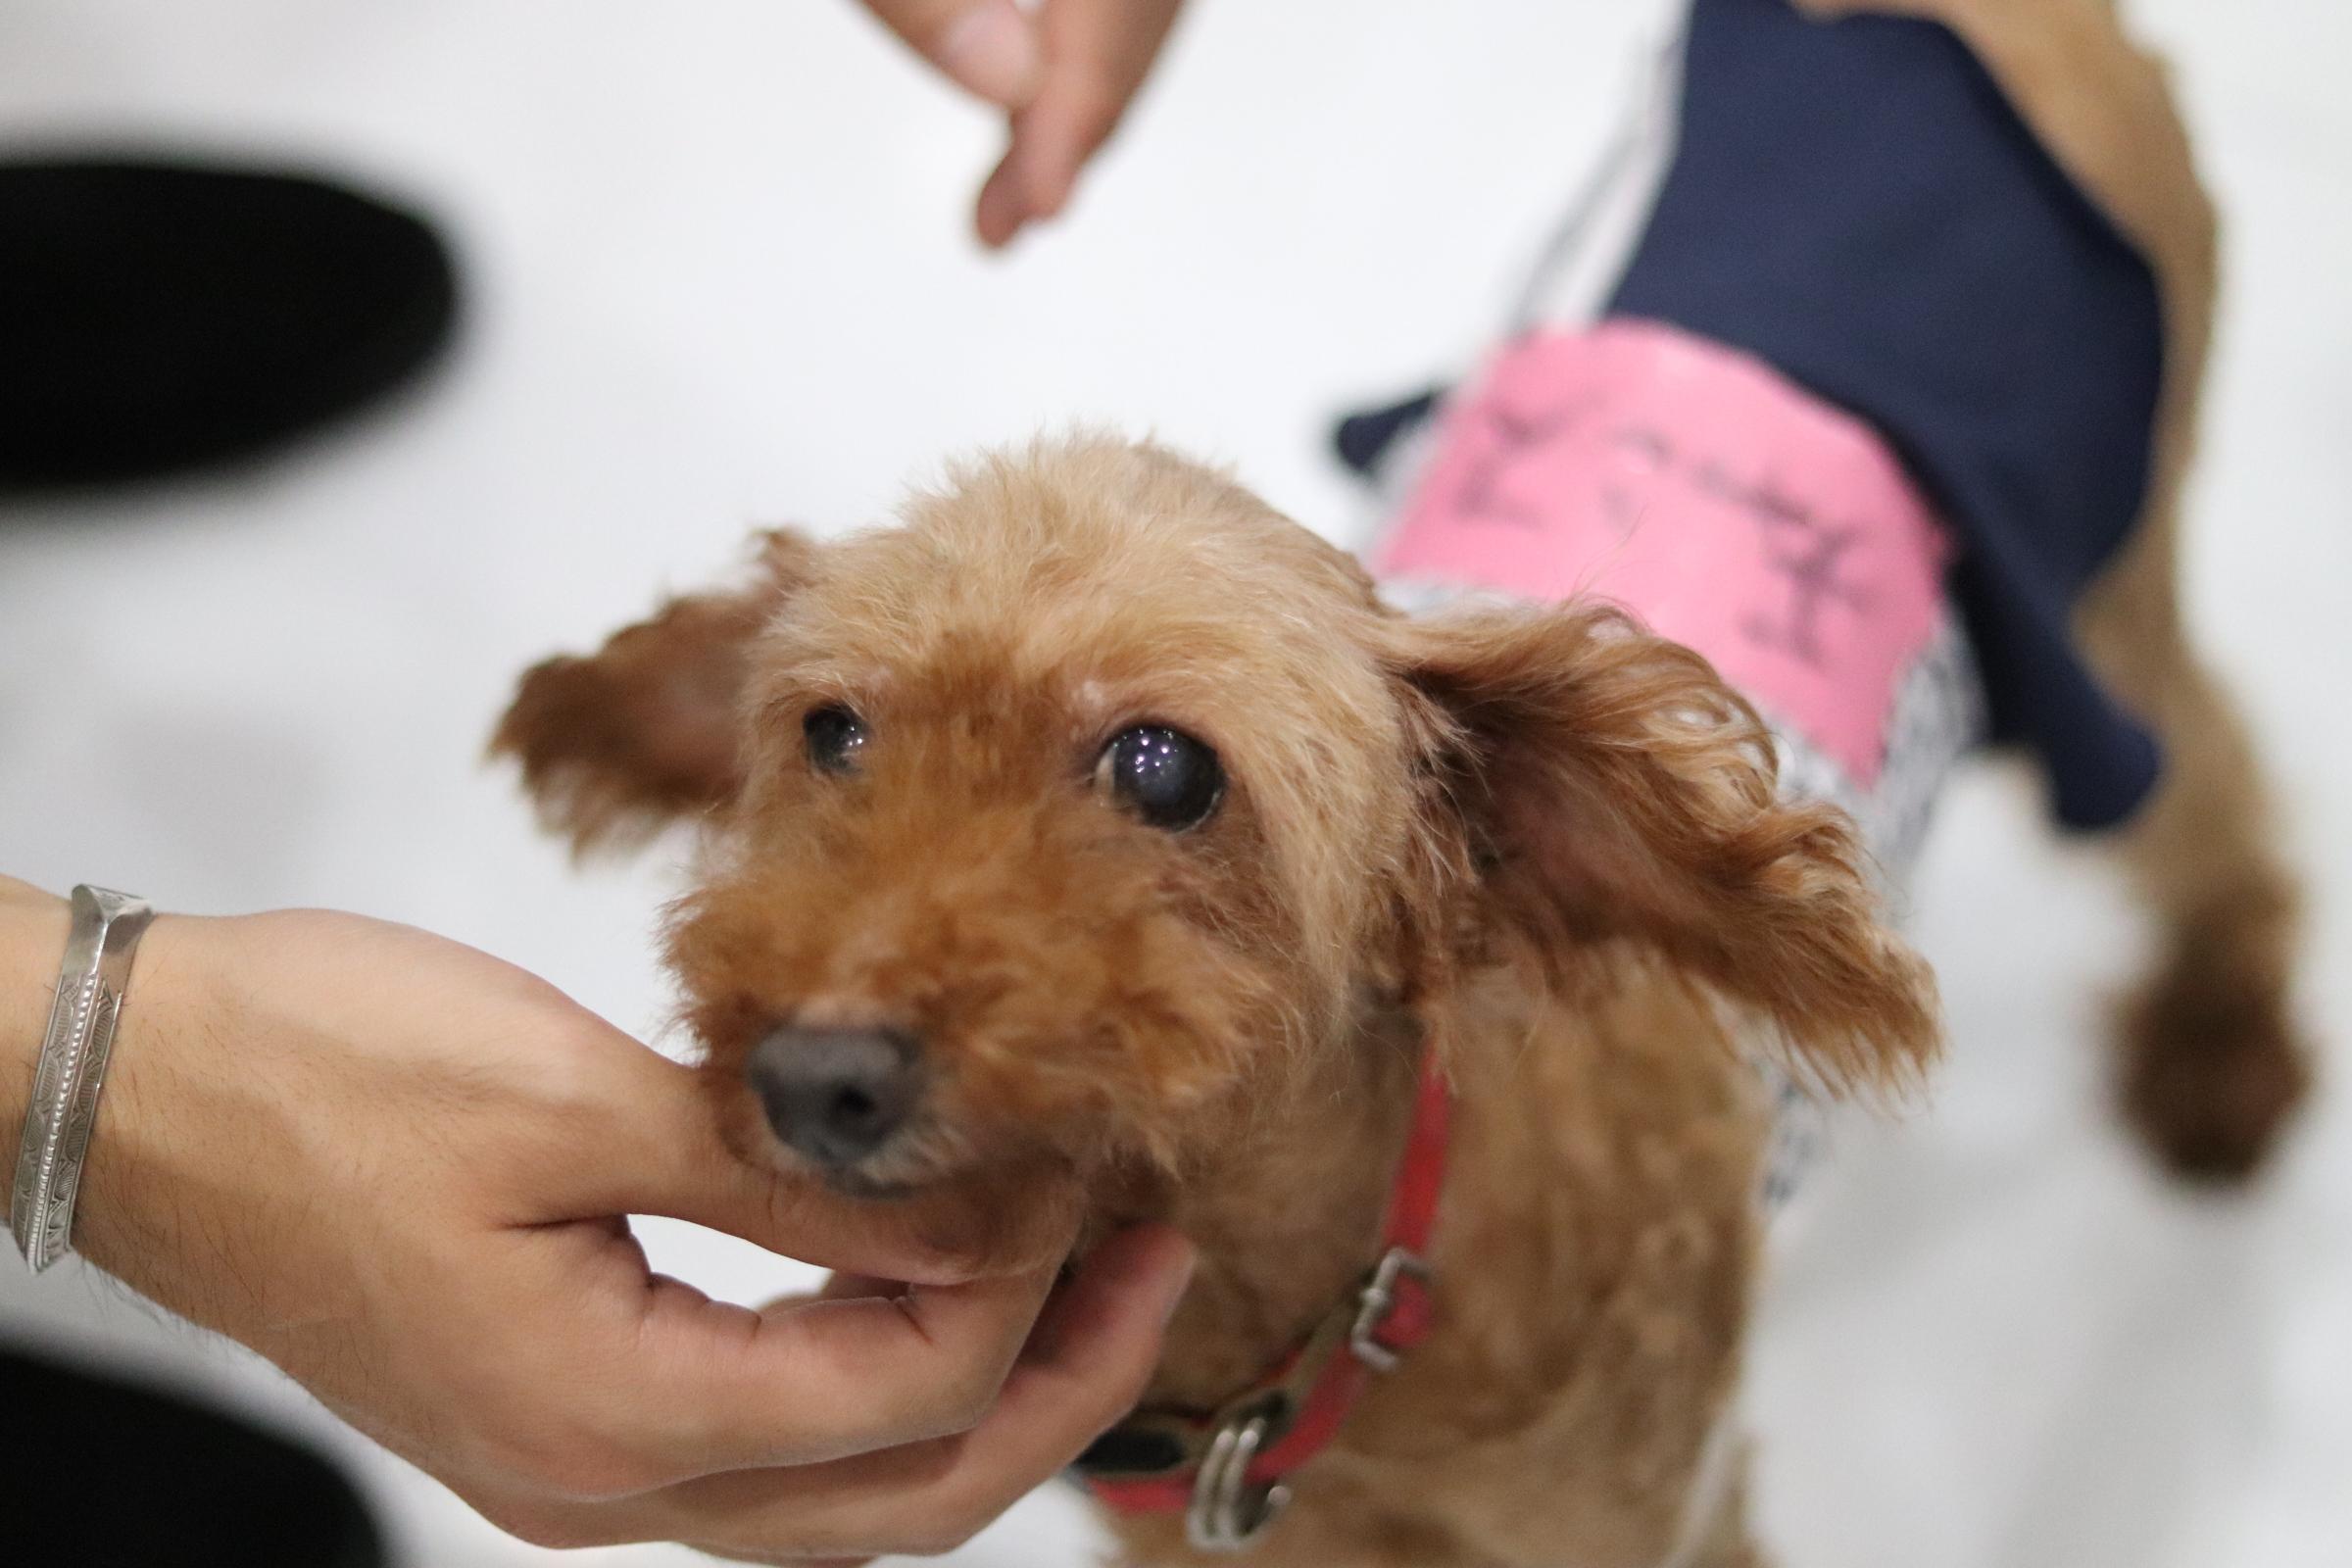 <ul> <li>犬種:トイプードル</li> <li>性別:女の子</li> <li>名前:チャンス</li> <li>年齢:2008年5月8日生まれ</li> <li>保護経緯:家族にアレルギーが発症したため飼育困難</li> </ul>